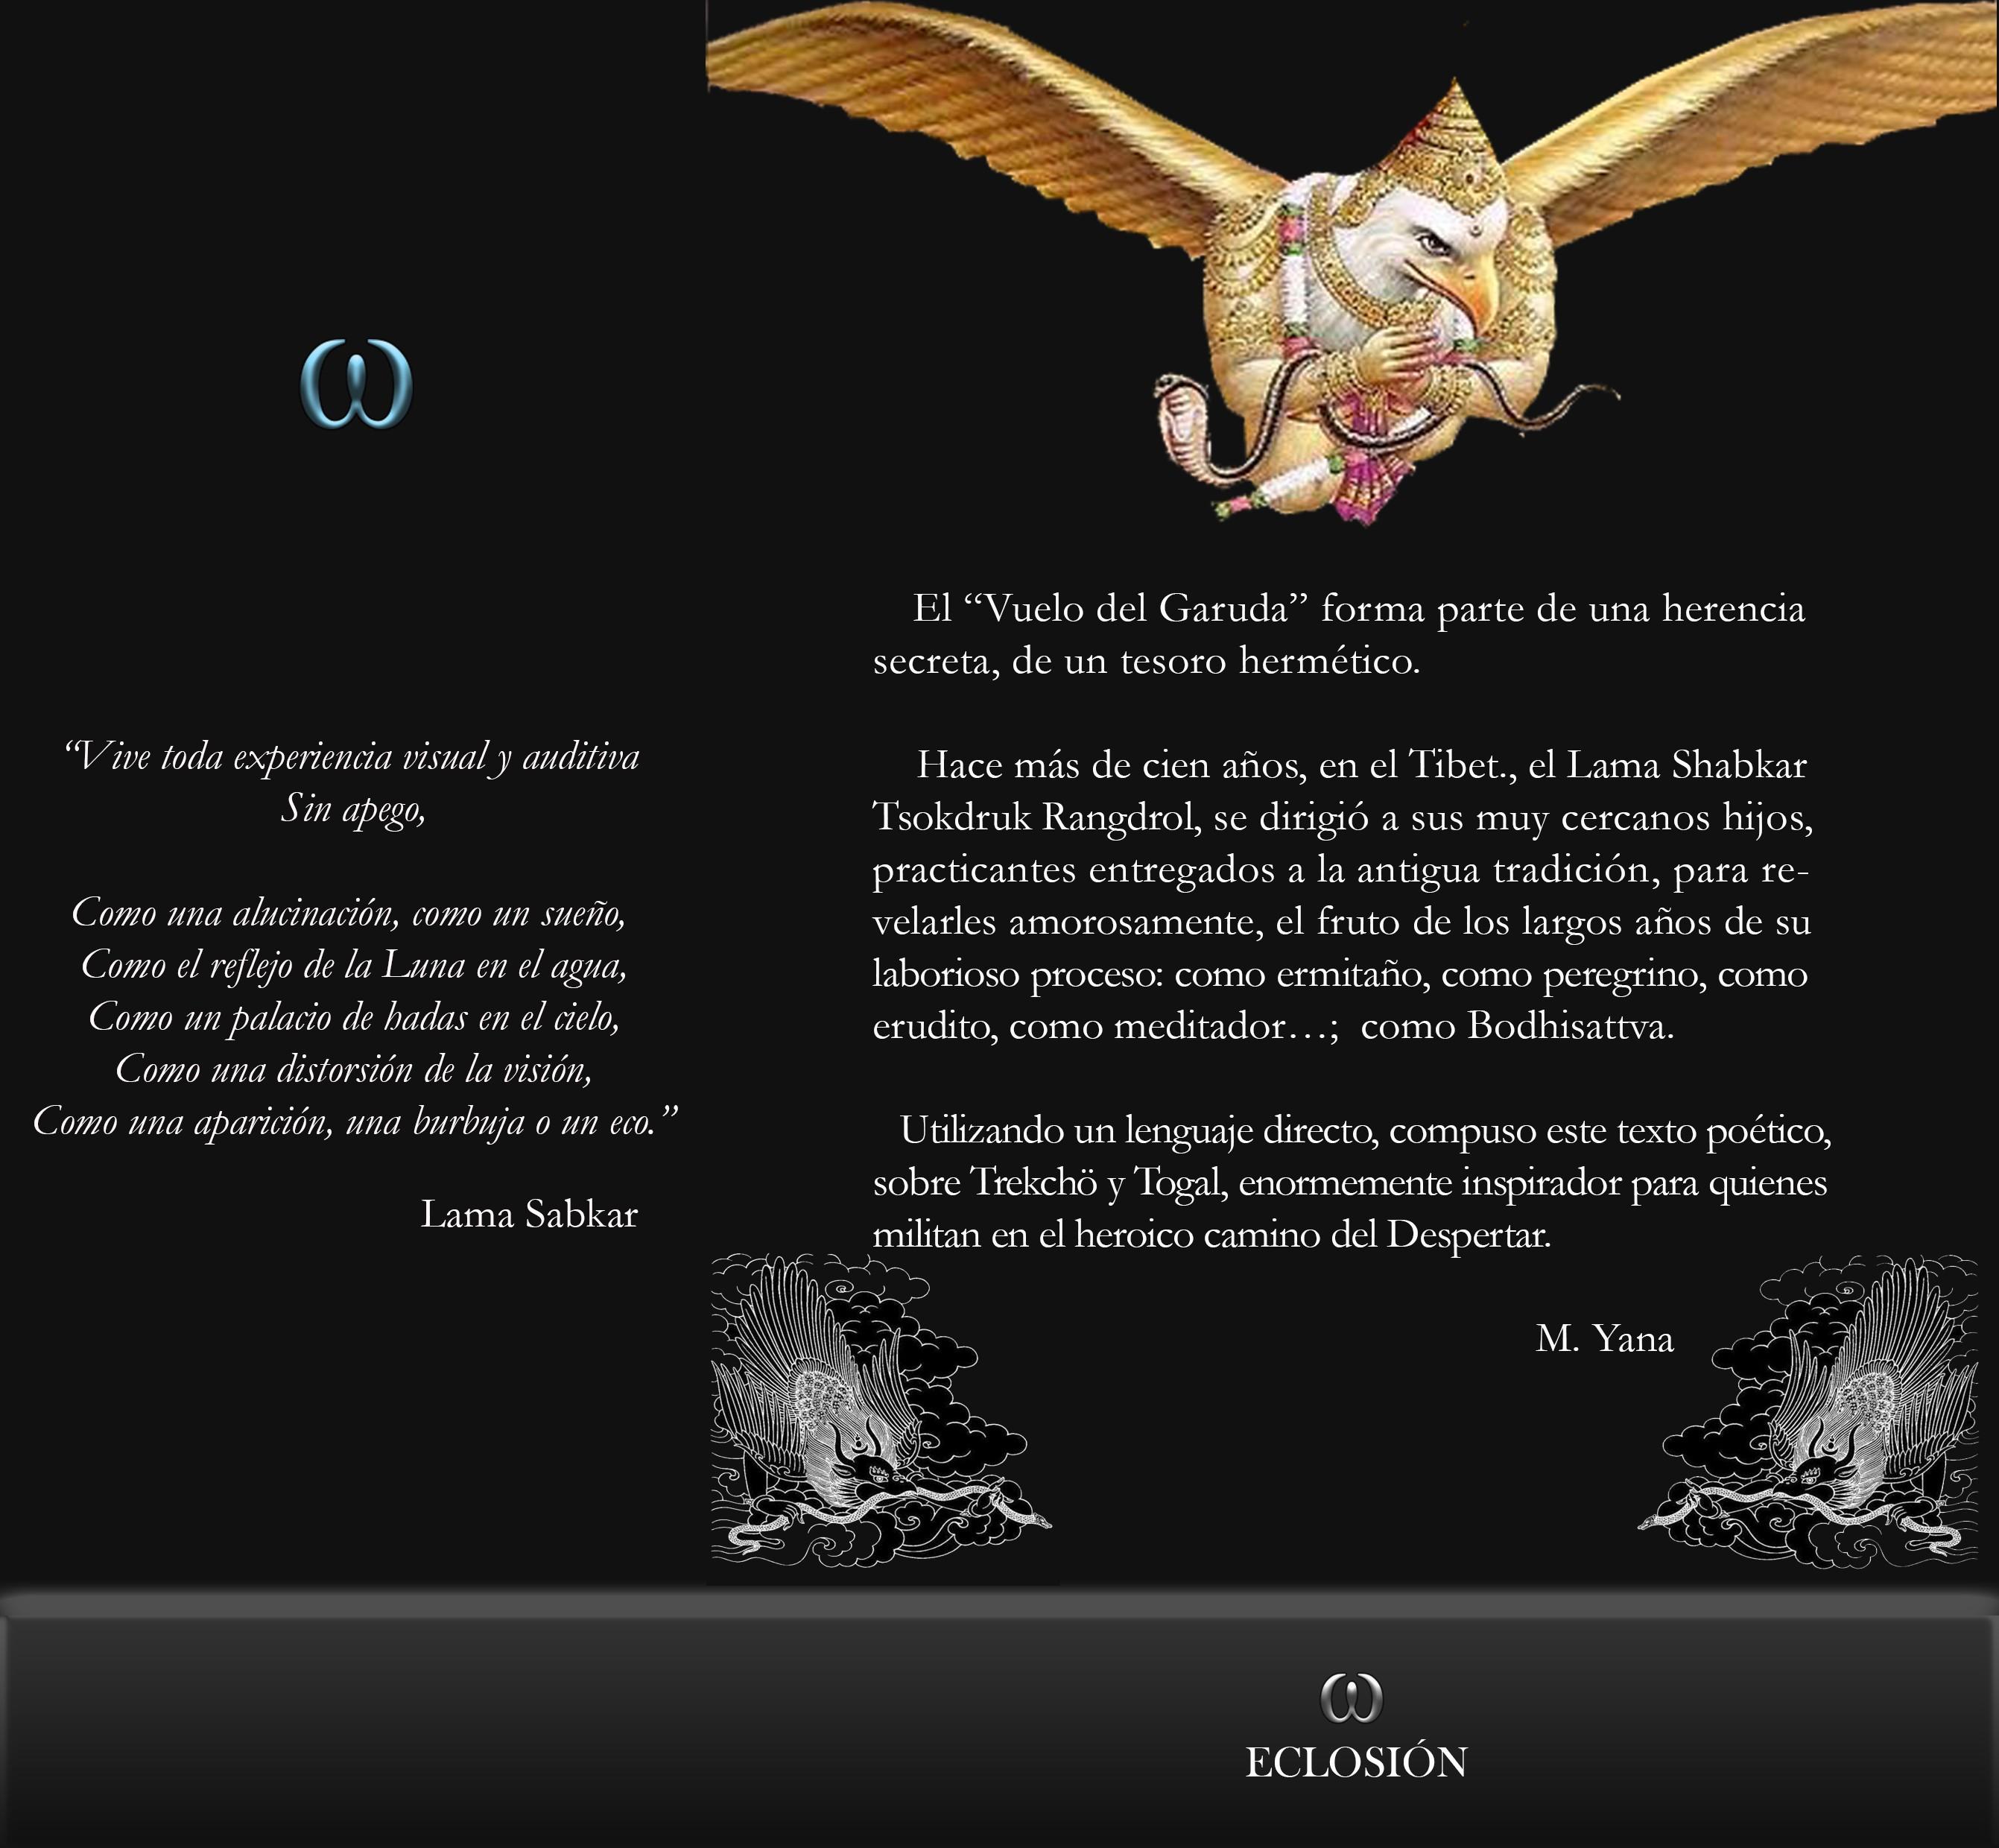 el vuelo del Garuda contraportada - El Vuelo del Garuda